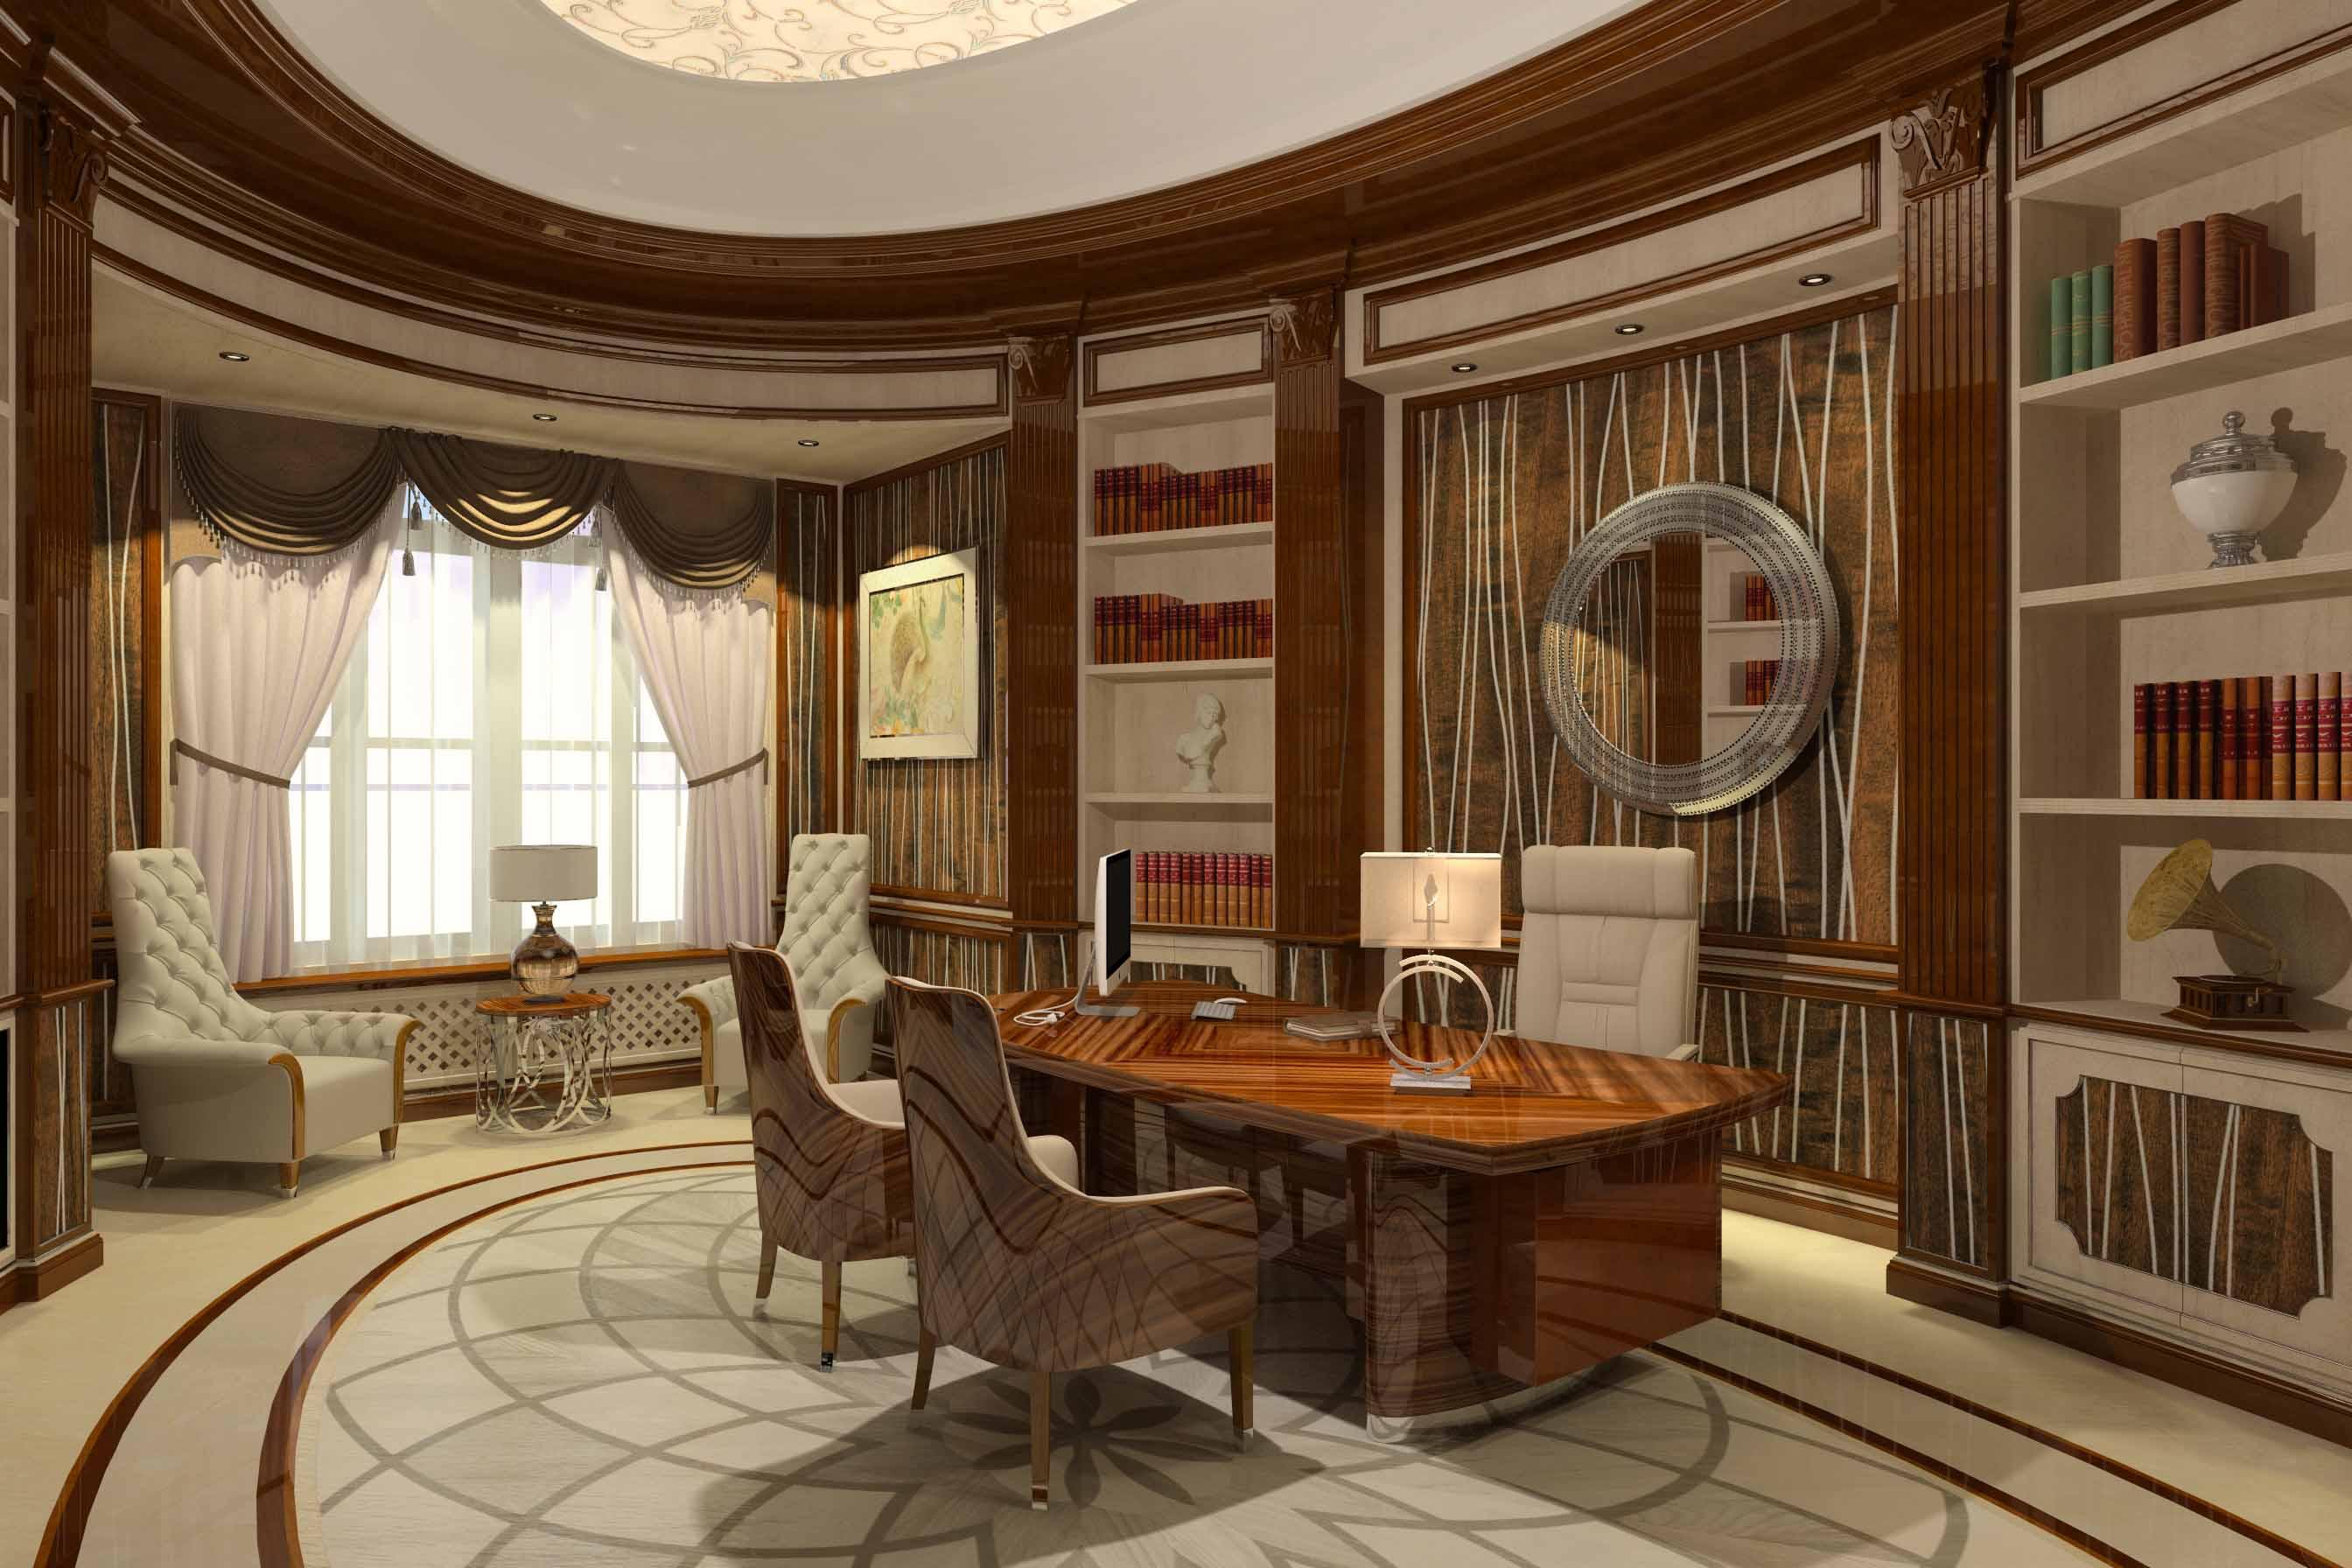 Arredamento e design interni stile italiano italian design for Arredamento design interni